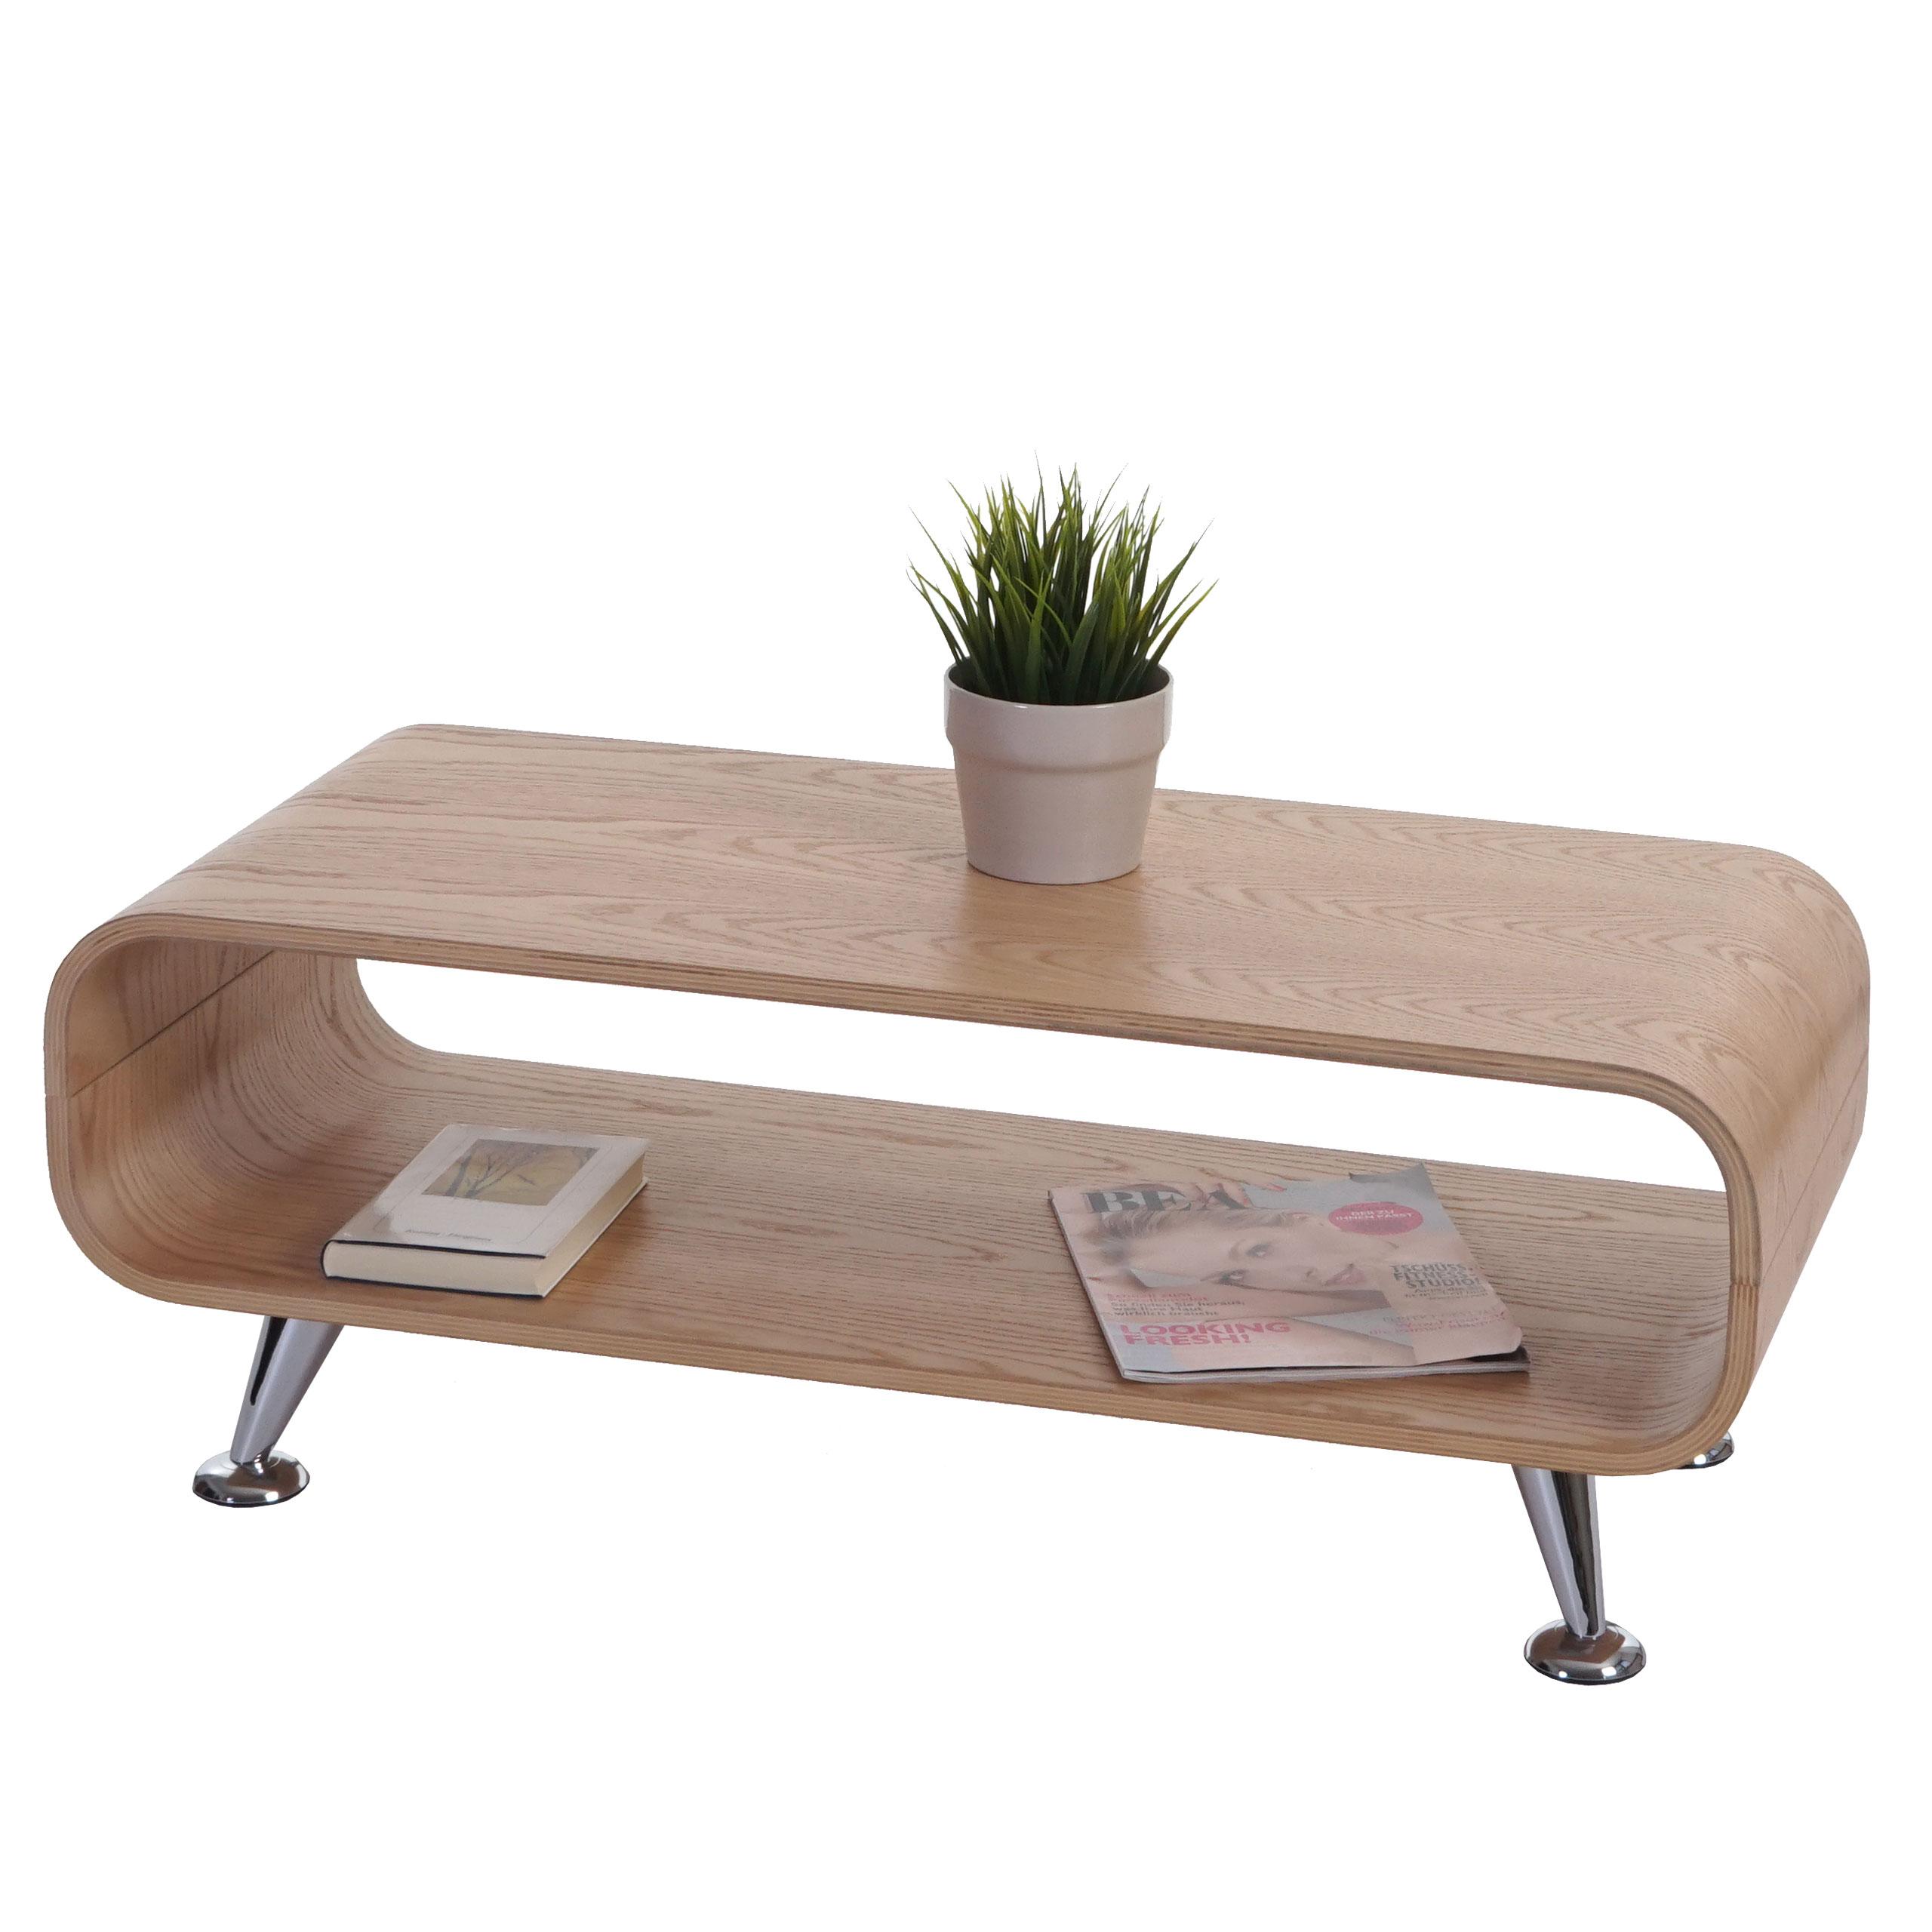 couchtisch hwc b97 loungetisch club tisch 34x90x39cm. Black Bedroom Furniture Sets. Home Design Ideas